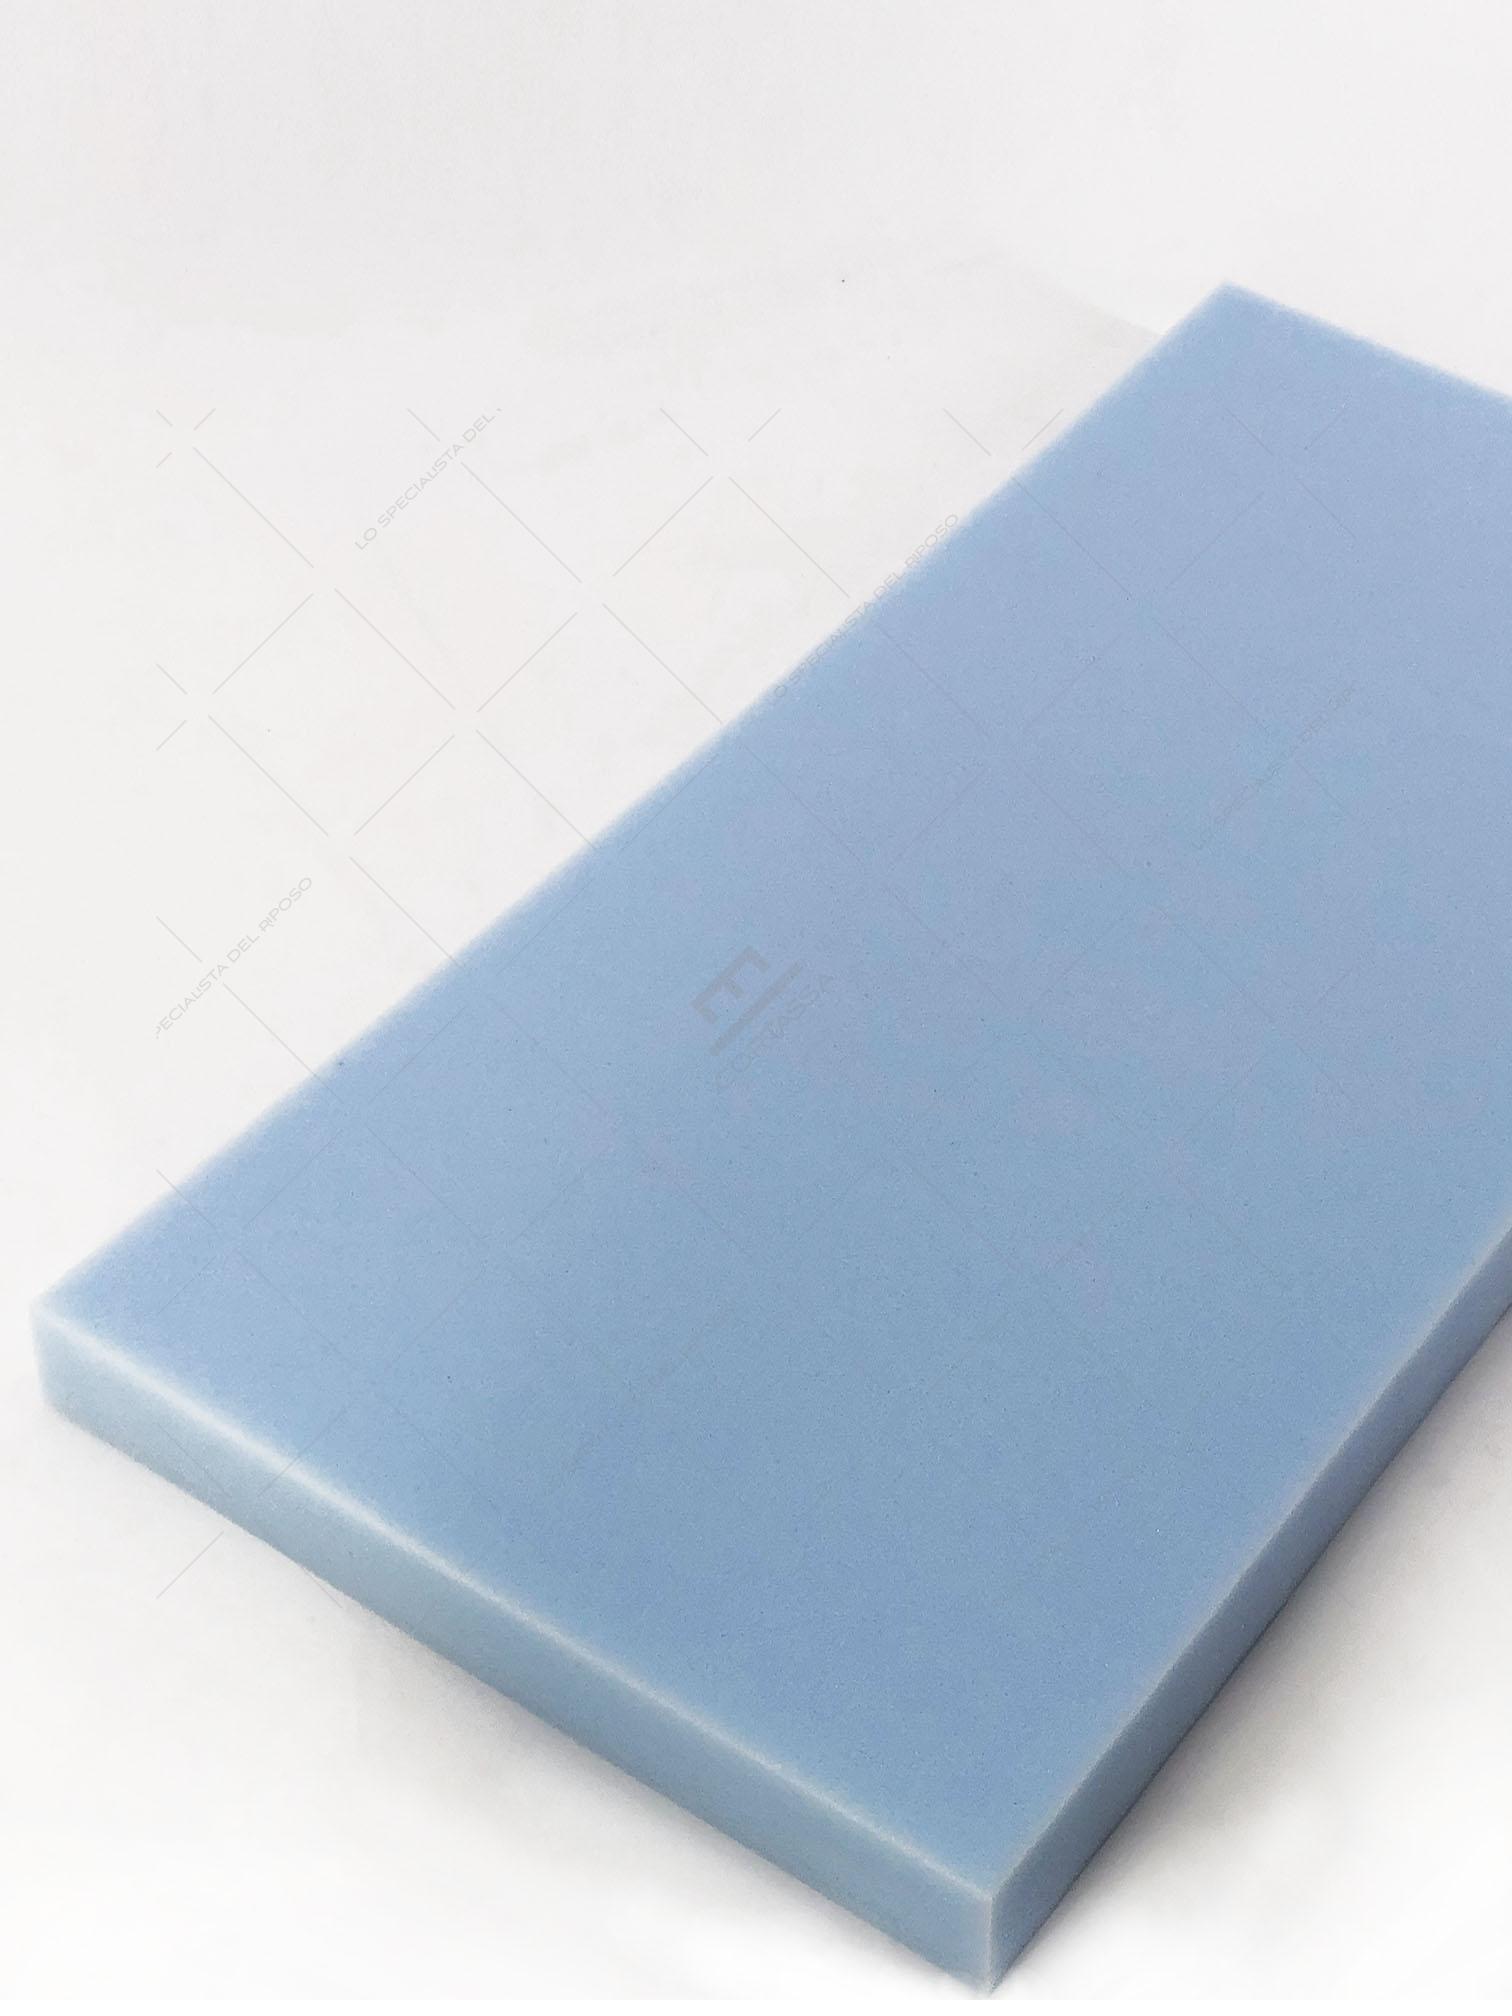 Il prezzo e altri dettagli possono variare in base alle dimensioni e al colore del prodotto. Lastra In Gommapiuma Azzurra 200x100 Densita T35 Cortassa